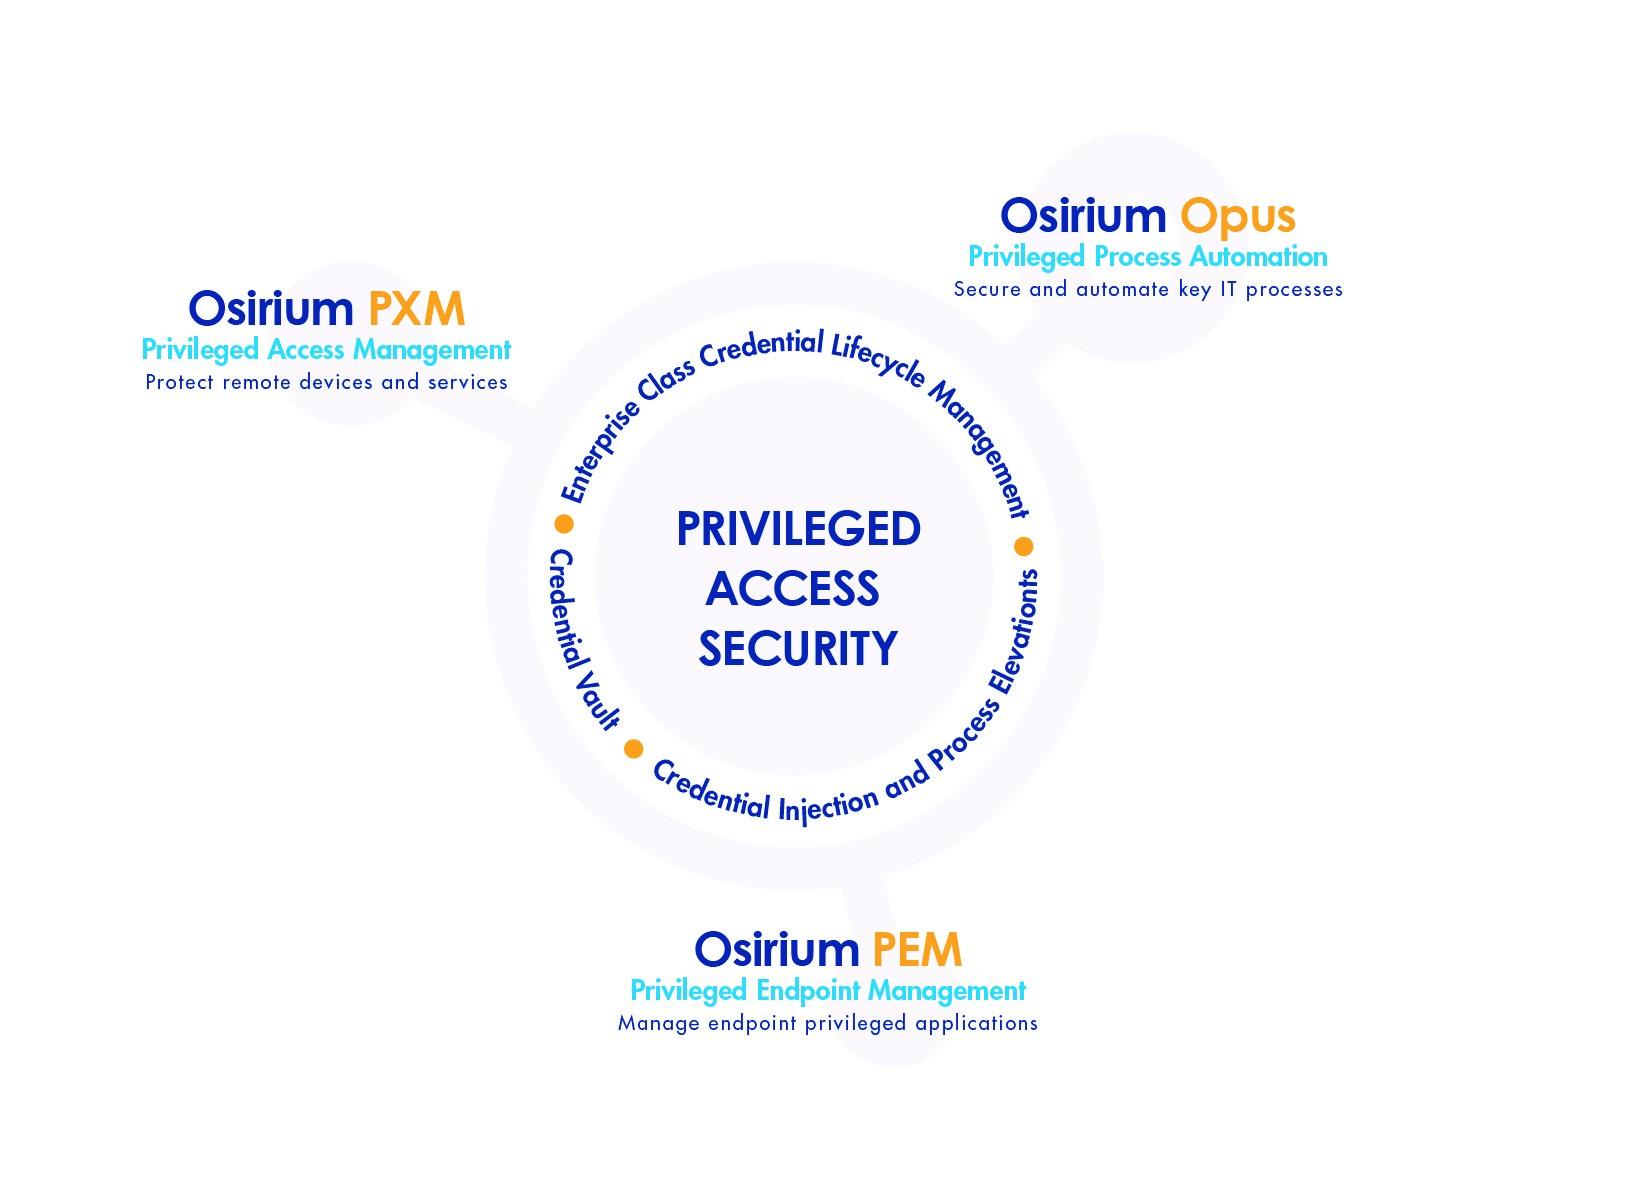 The Osirium Privileged Access Security portfolio